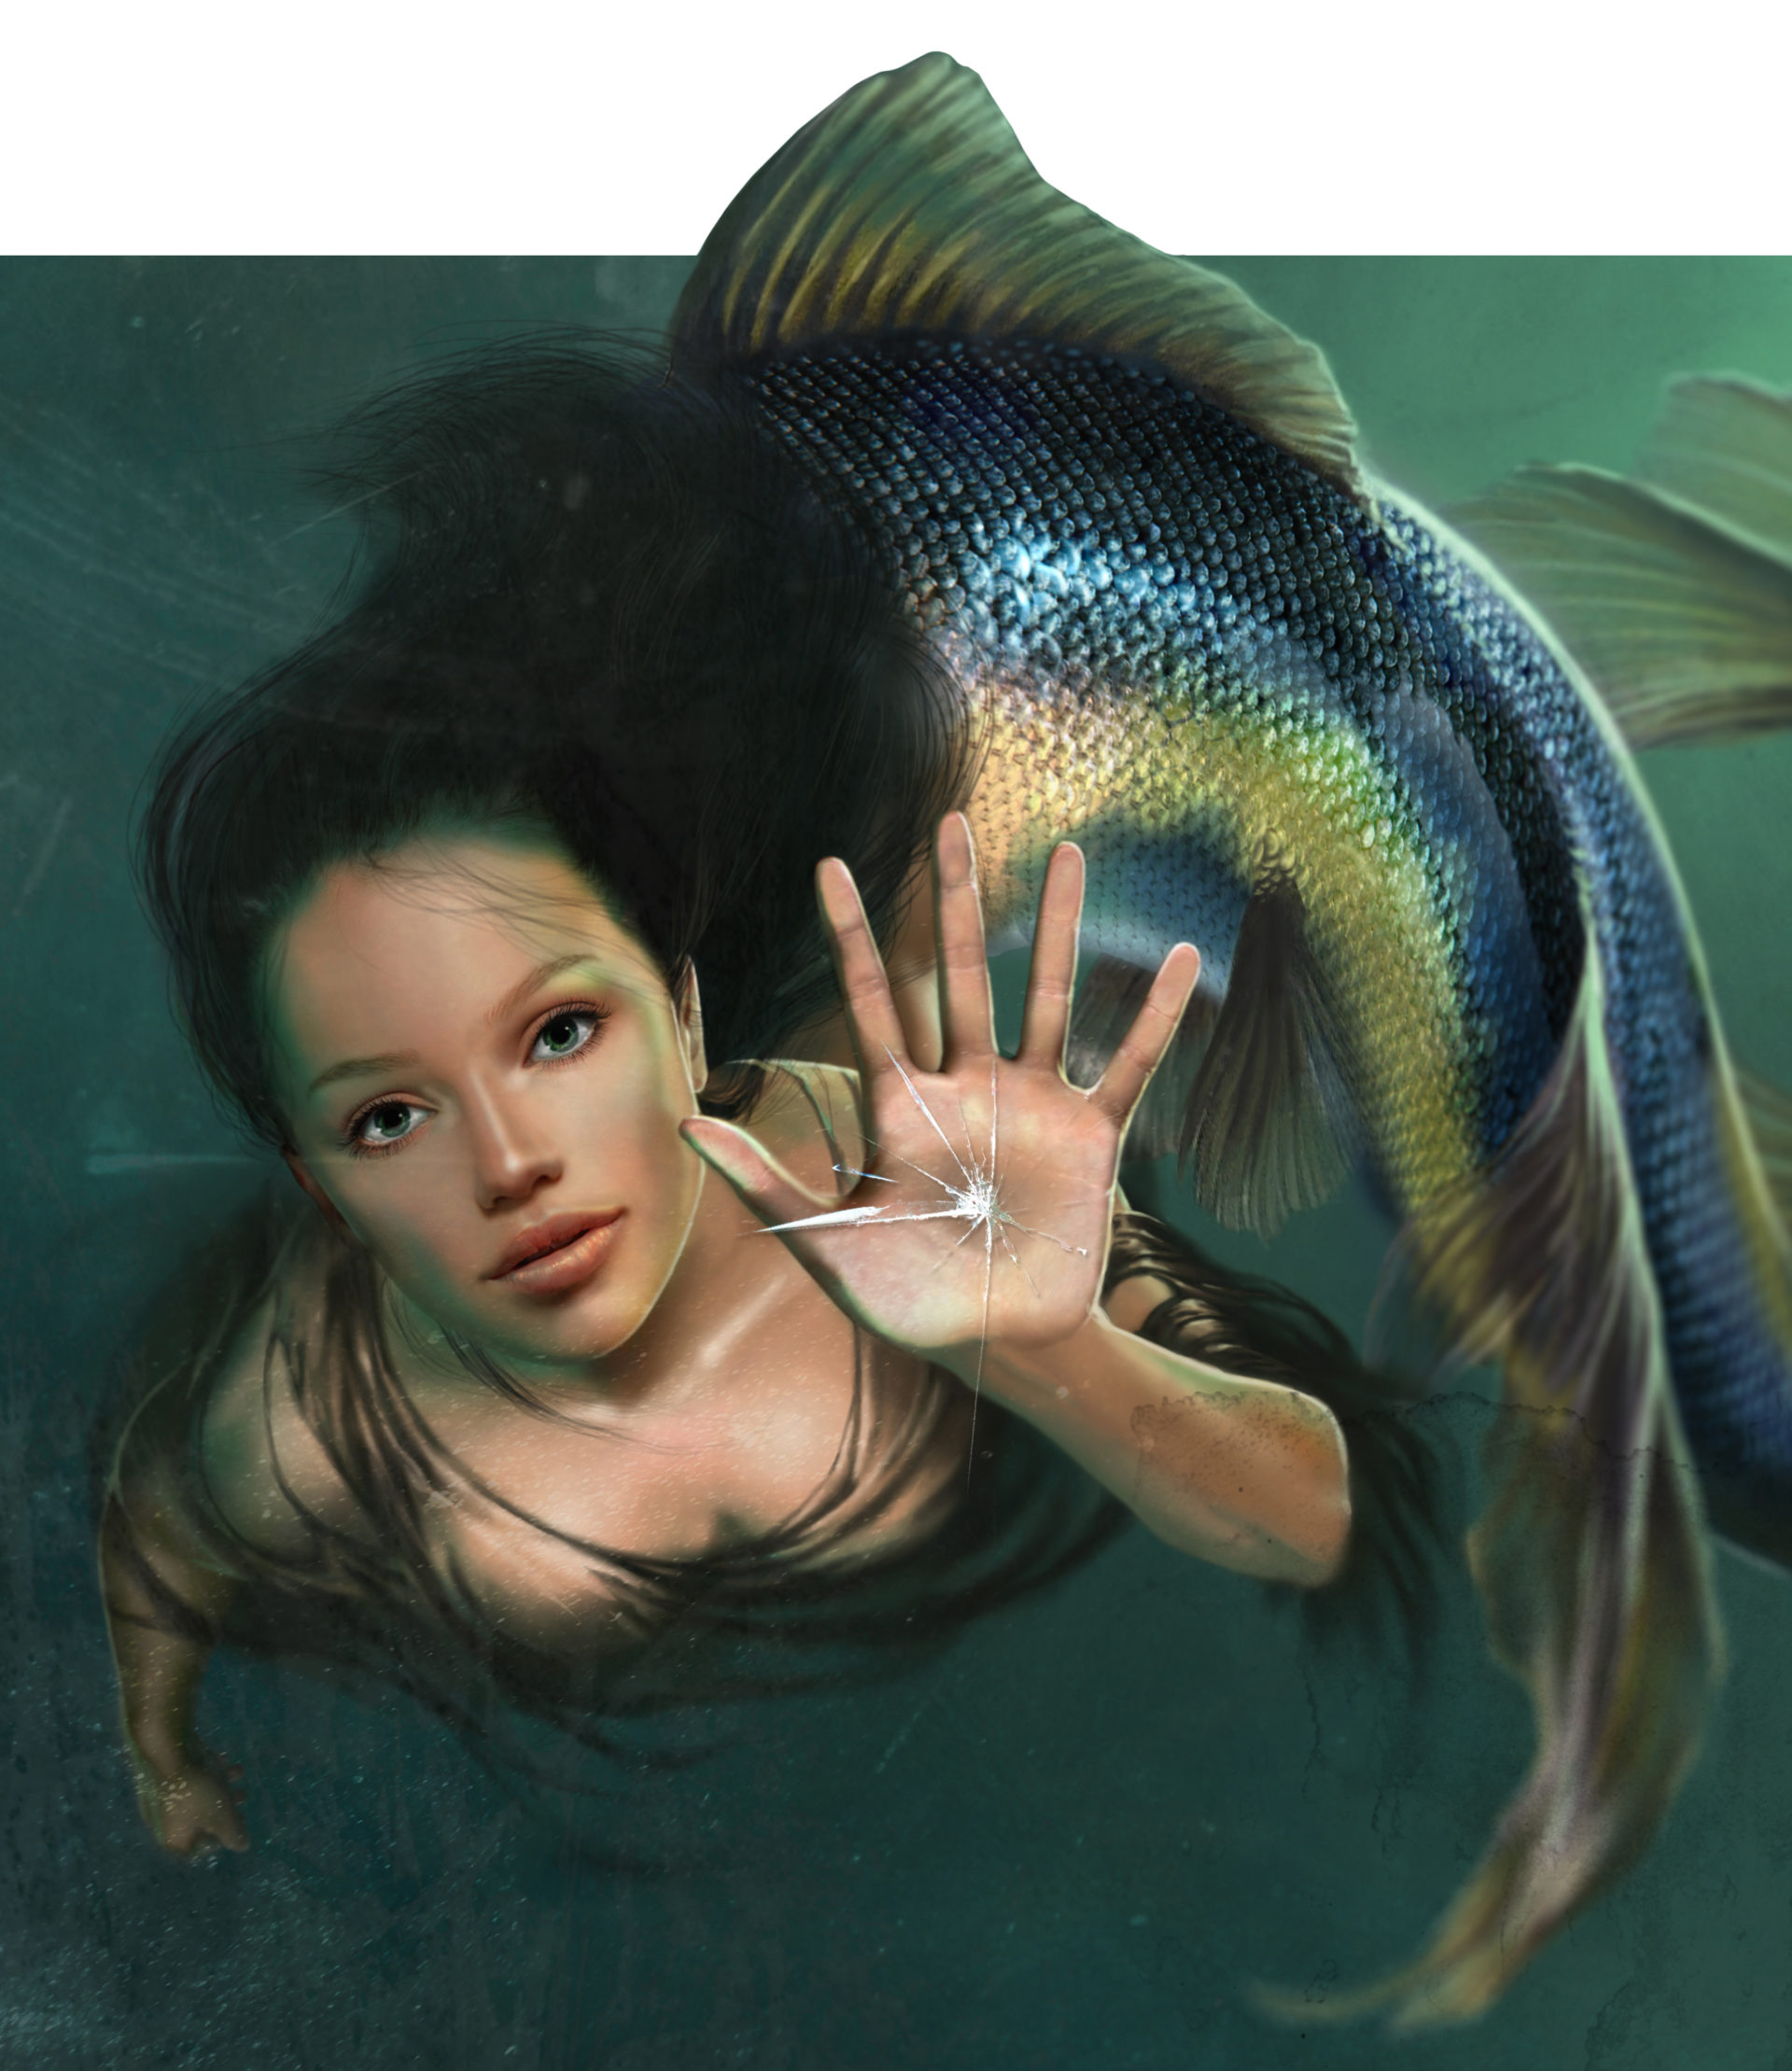 Illustrazione digitale, artwork, per libri e giochi di ruolo, progettazione personaggi fantastici - Mermaid, sirena